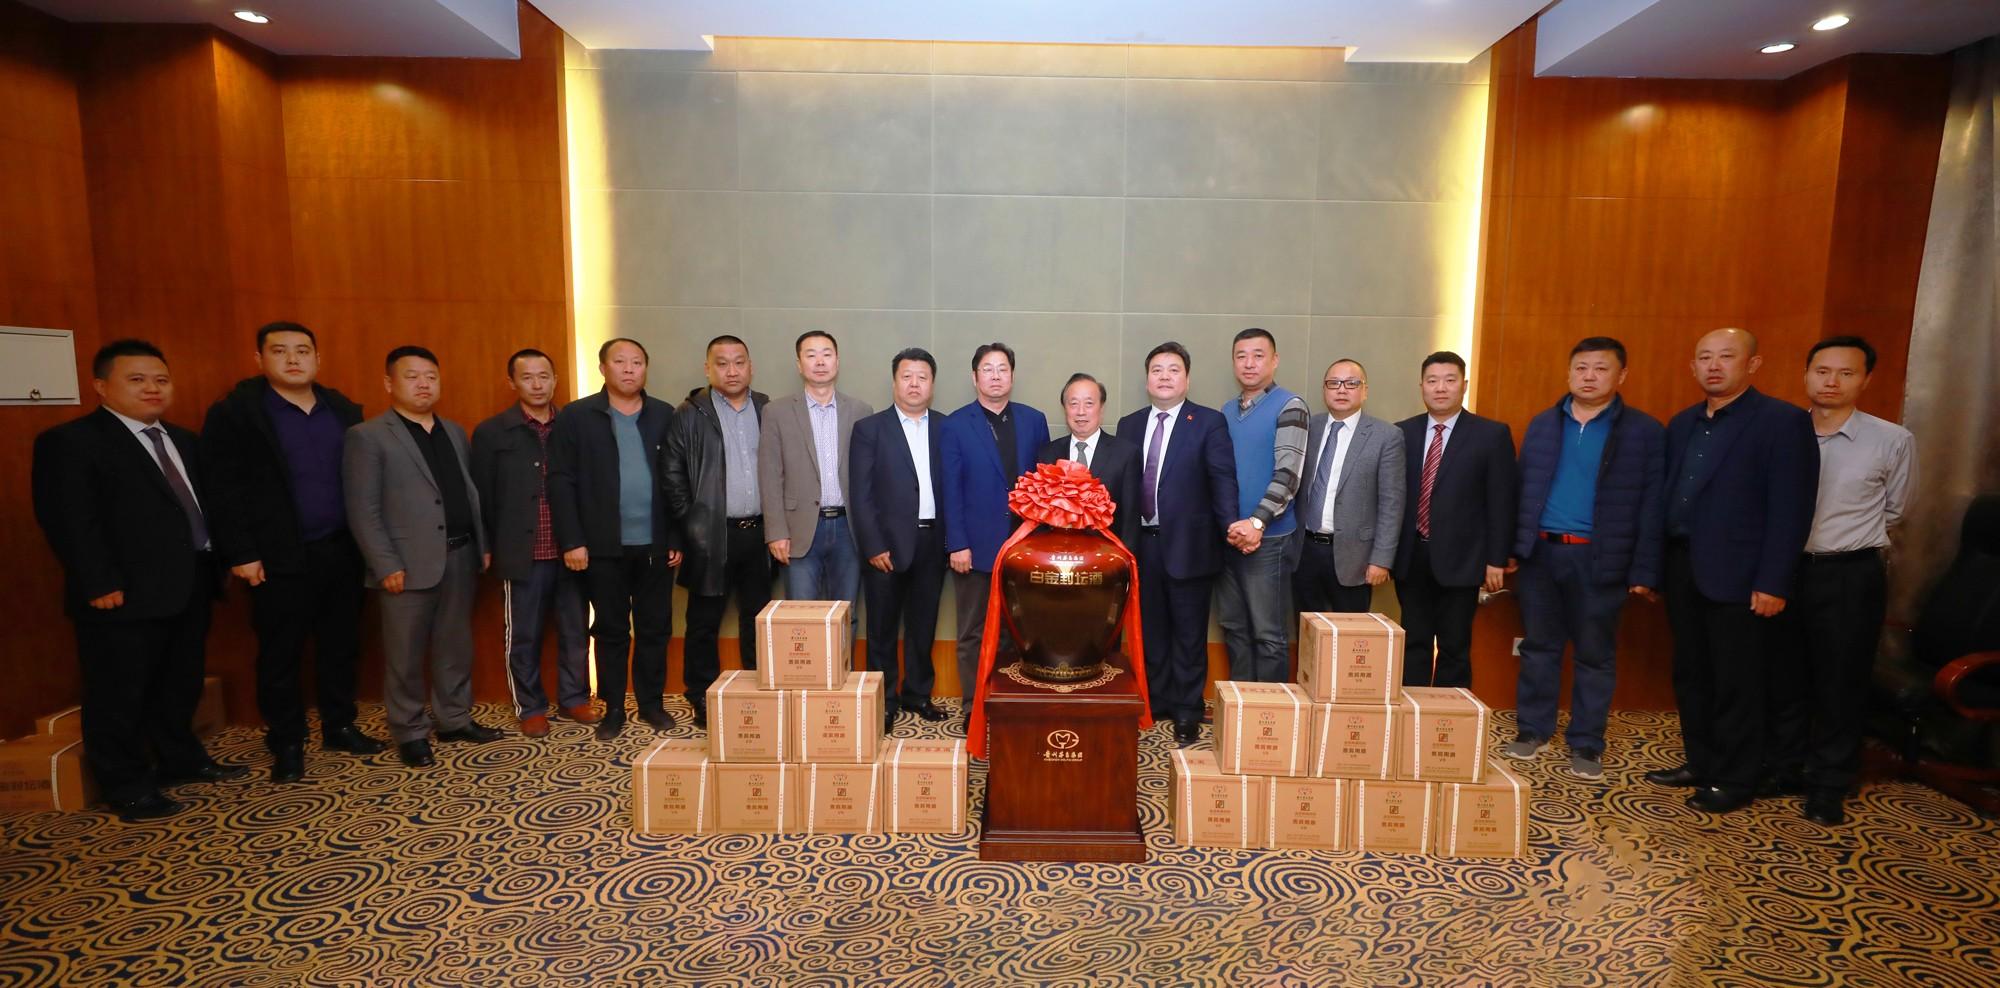 加強文化交流,推動跨界合作 白金酒公司參訪濱州金佰和鋼結構有限公司